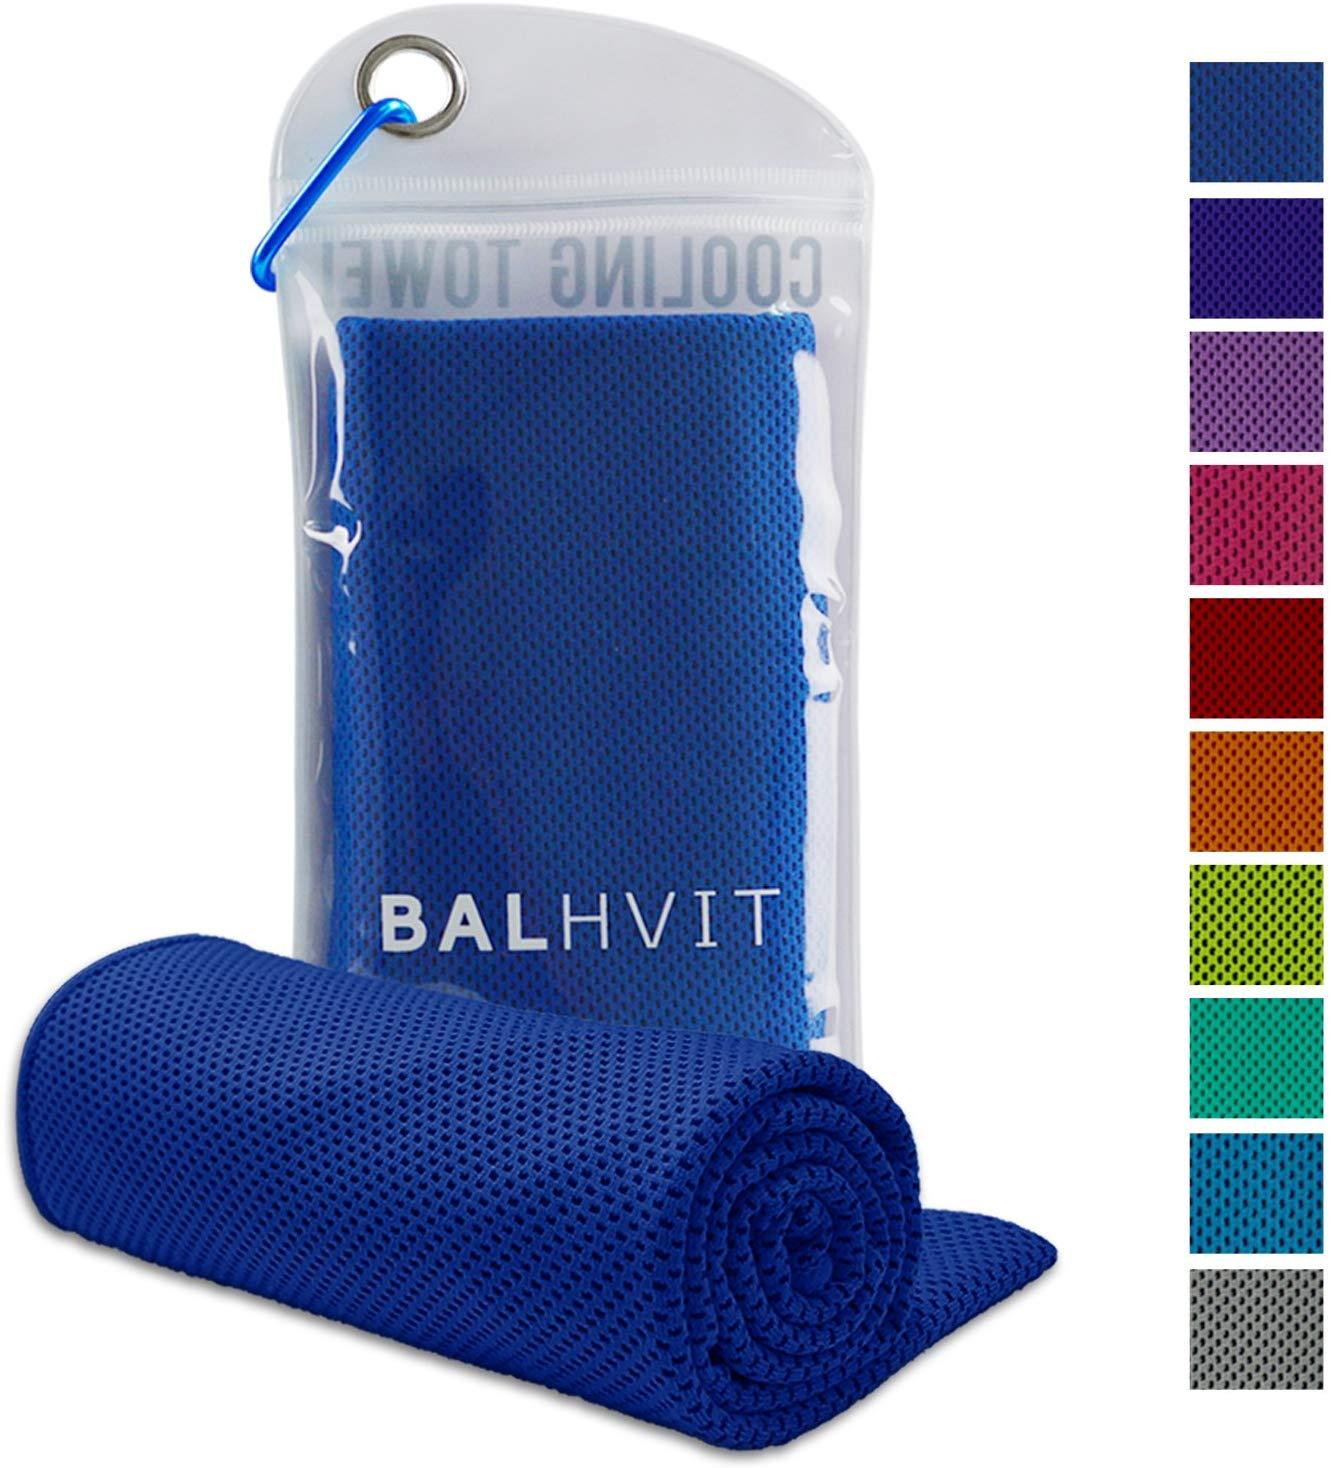 Balhvit Cooling